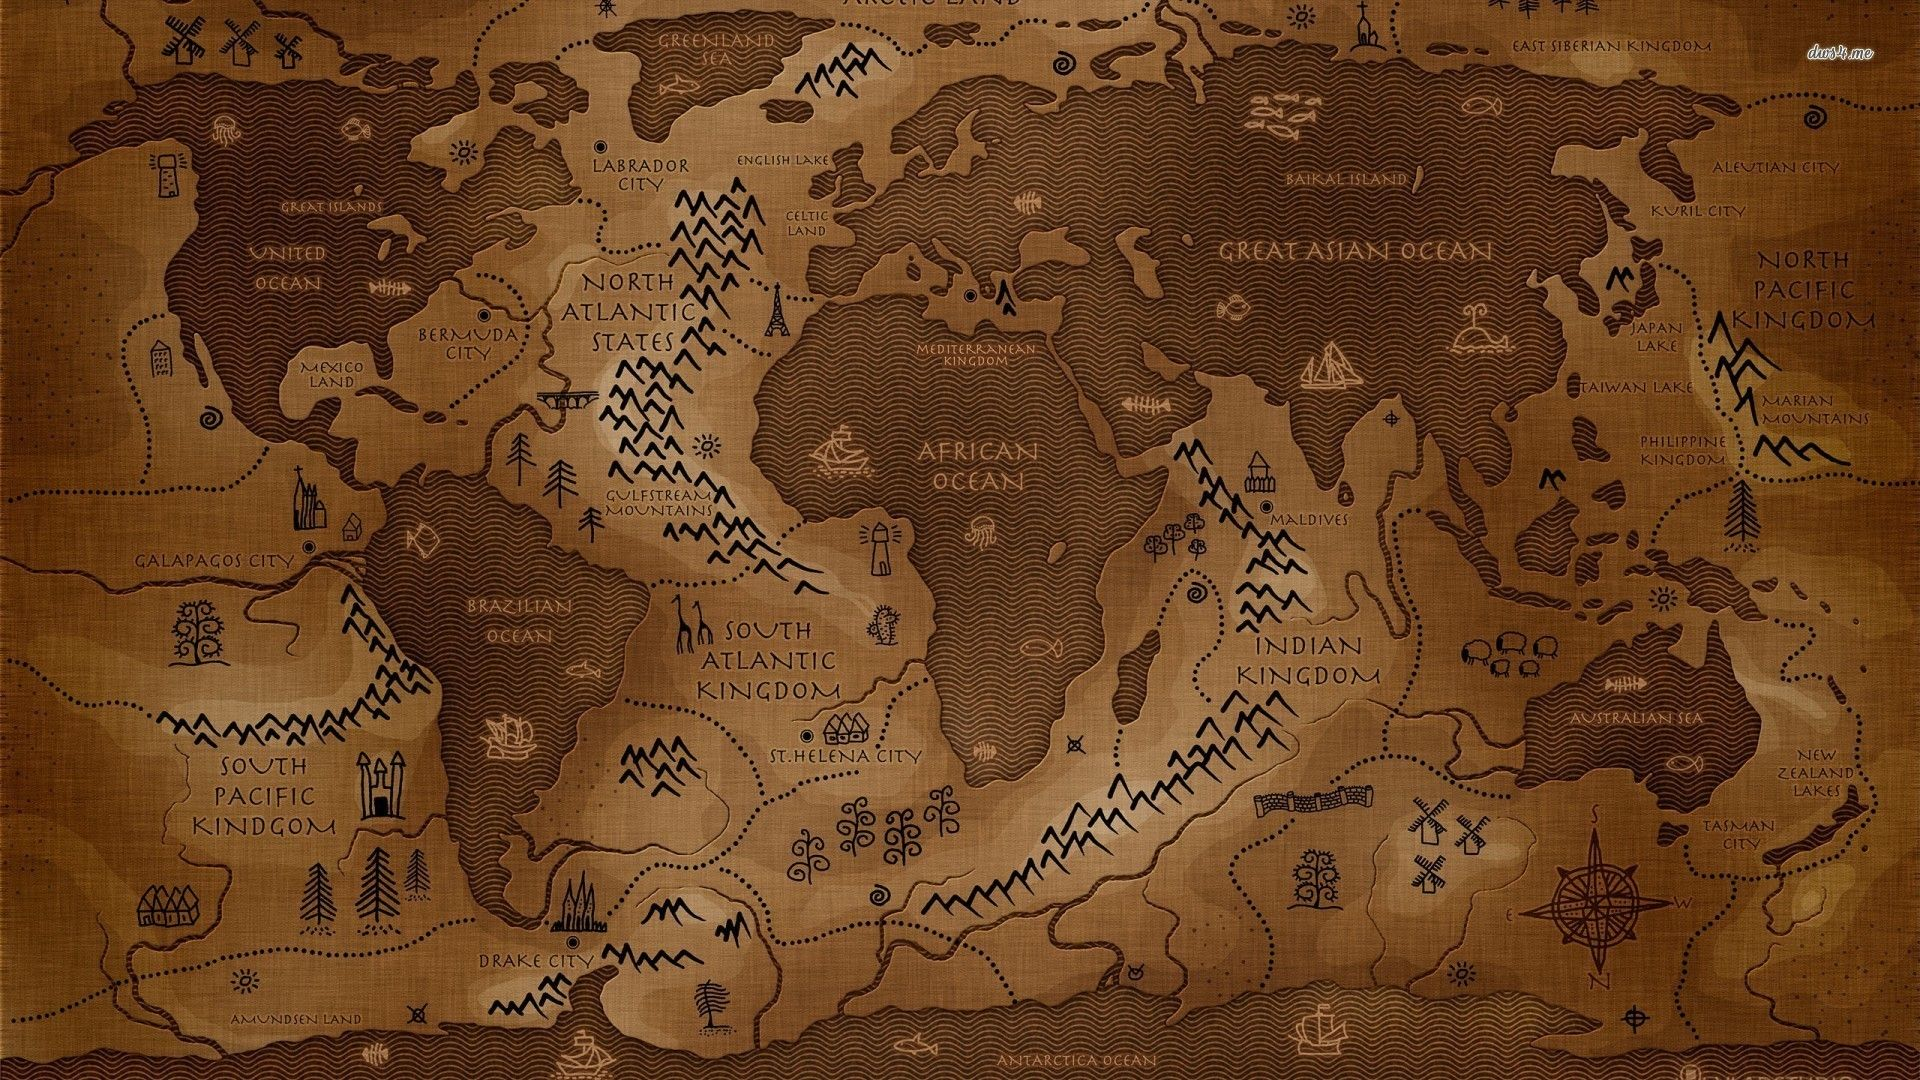 Game of thrones map desktop wallpaper hd